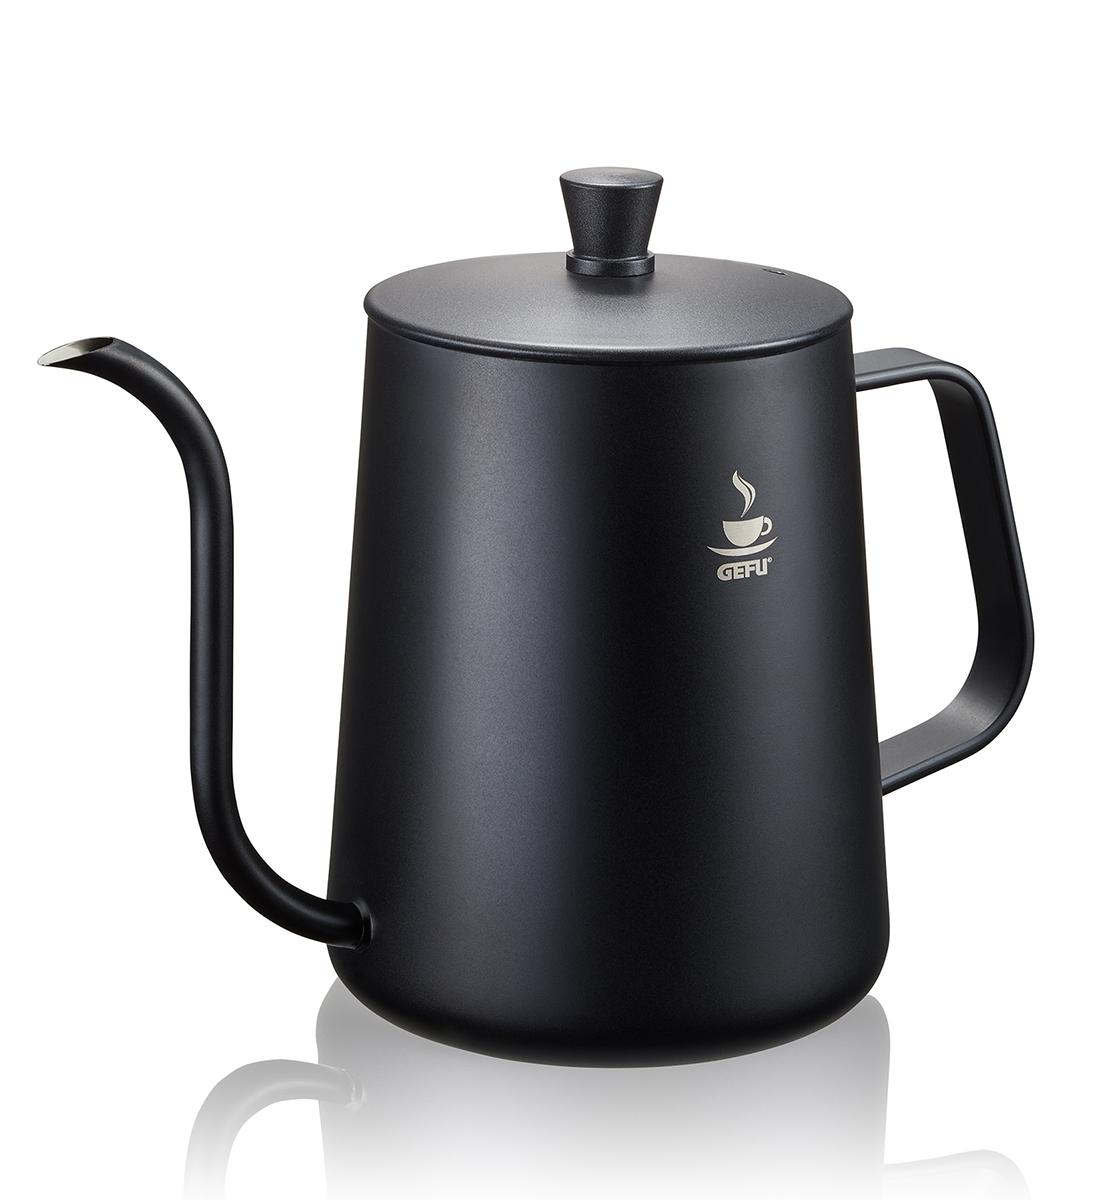 GEFU - 'Wasserkessel CINERO - Kaffee   Tee'